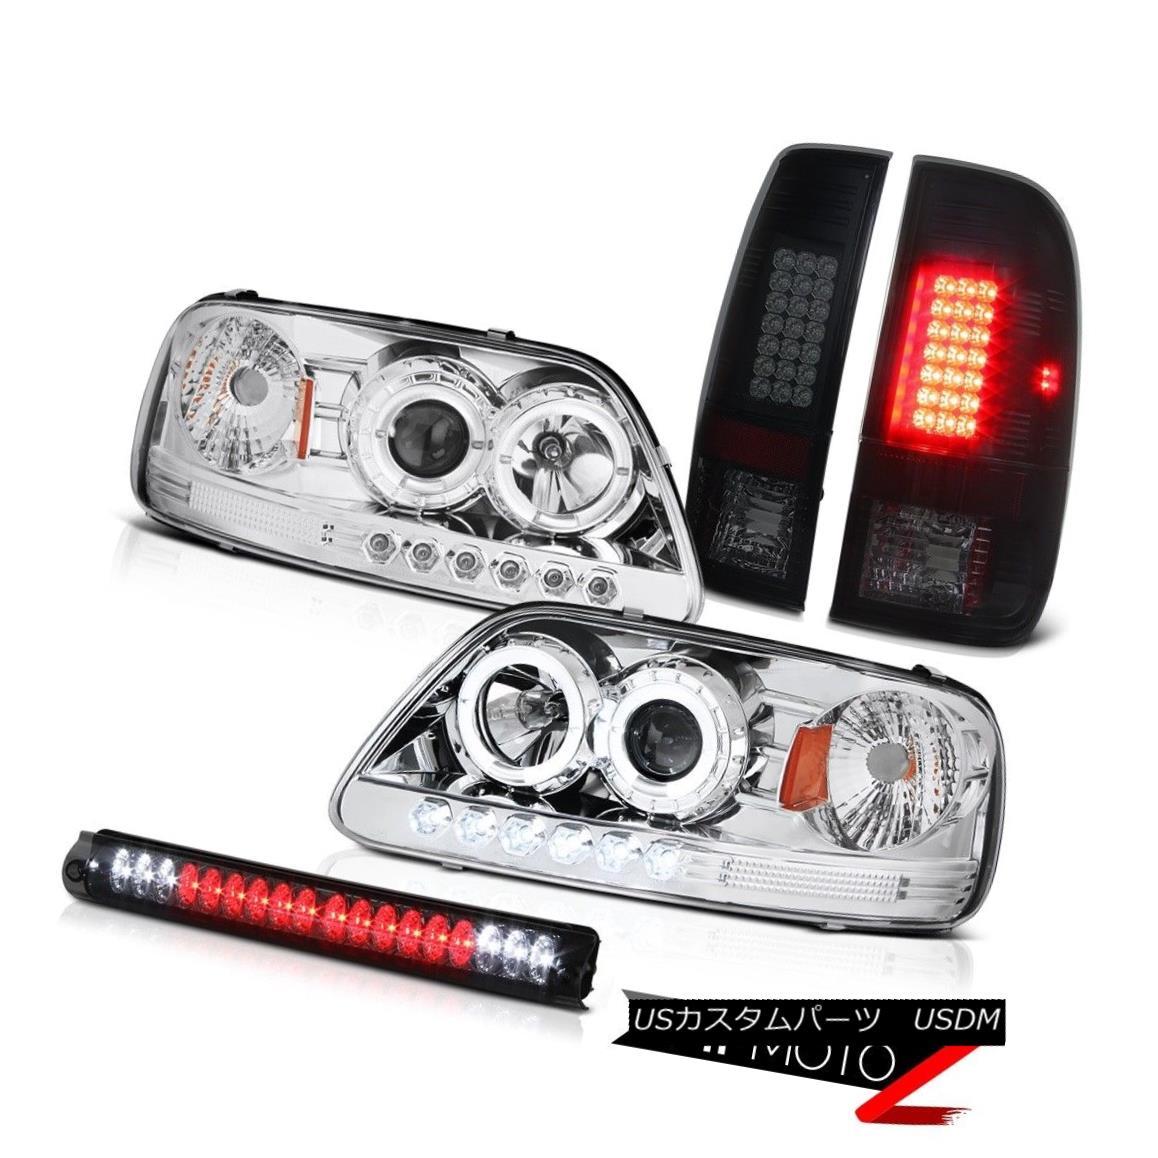 ヘッドライト 97-03 F150 2X Angel Eye Projector Headlight LED Tail Lights 3rd Brake Lamp Smoke 97-03 F150 2XエンジェルアイプロジェクターヘッドライトLEDテールライト第3ブレーキランプスモーク